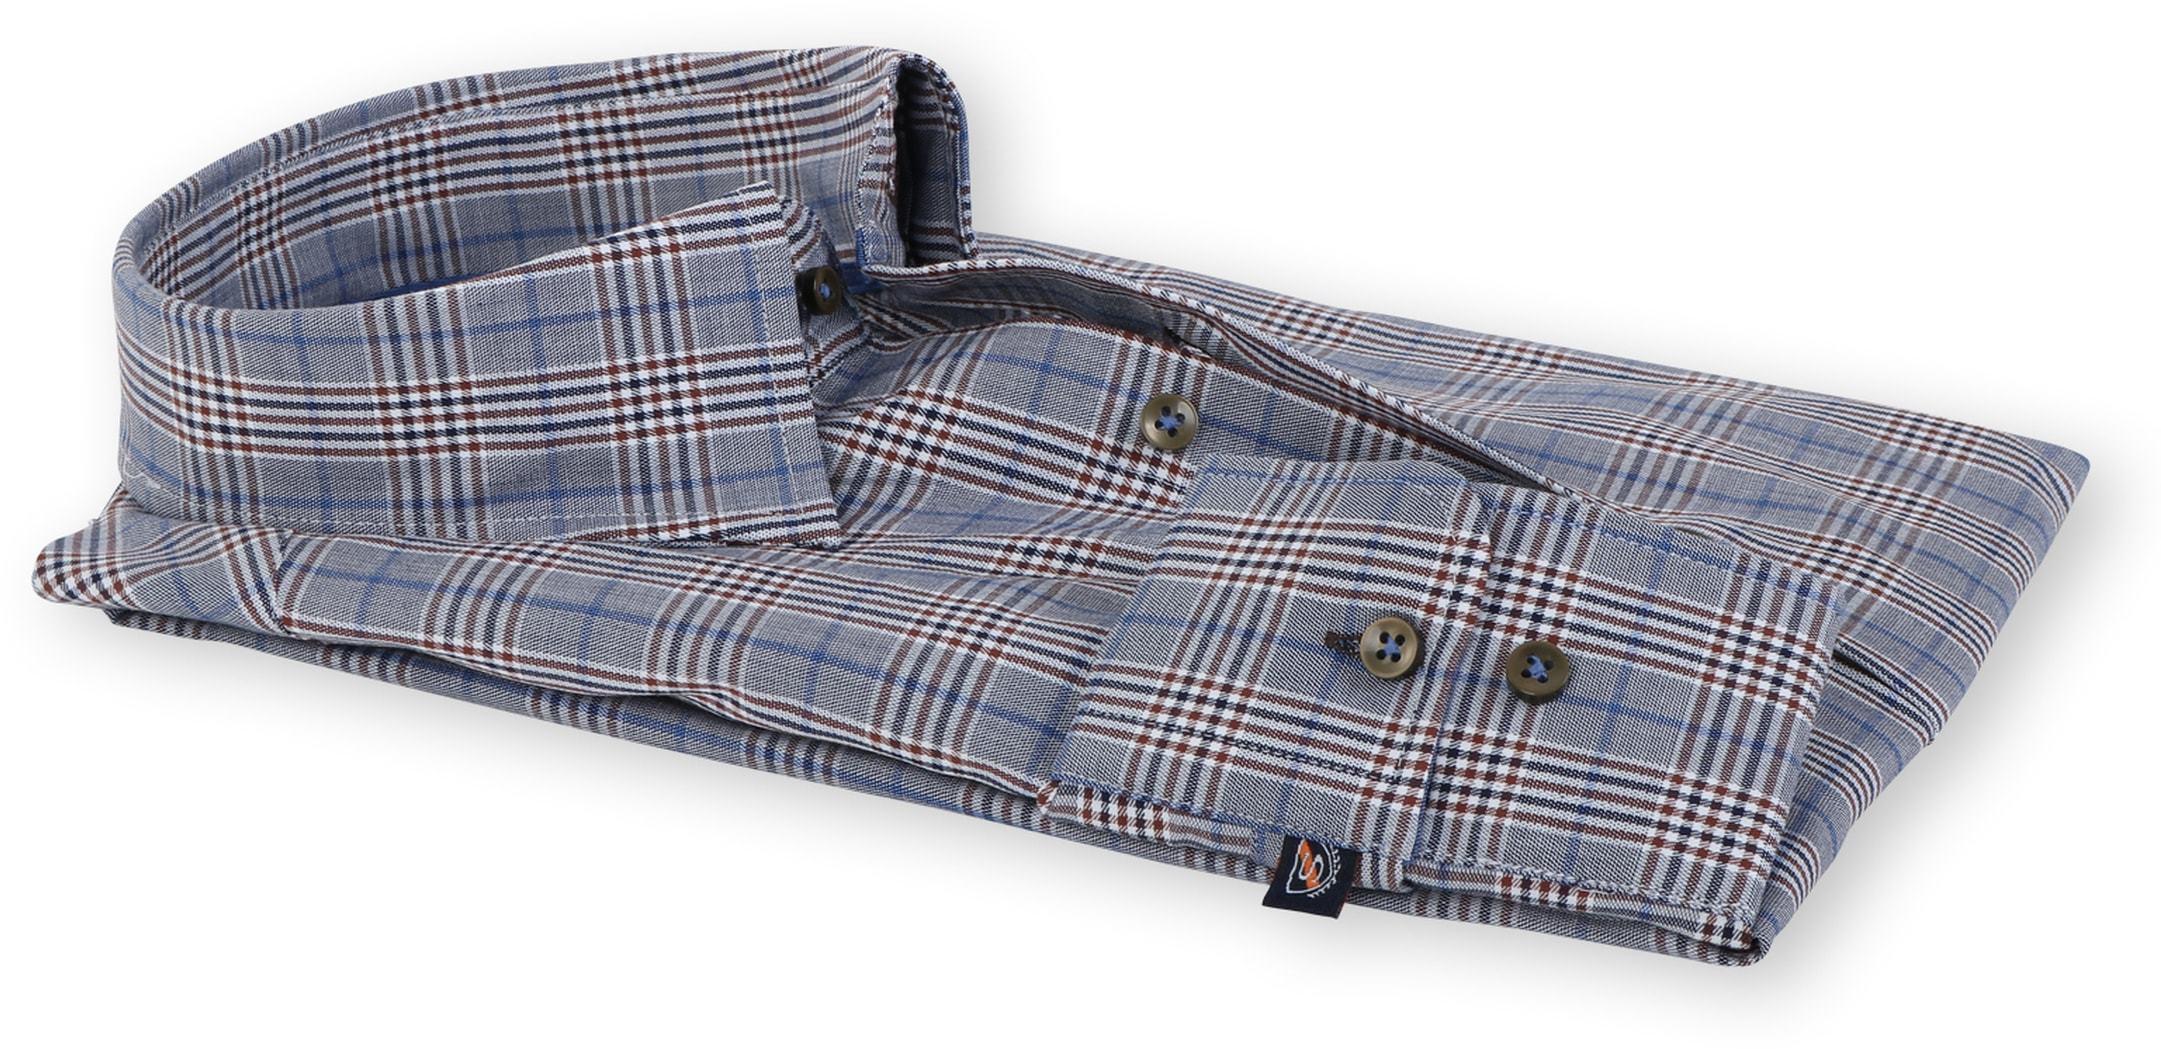 Suitable Overhemd Blauw Ruit 133-6 foto 2